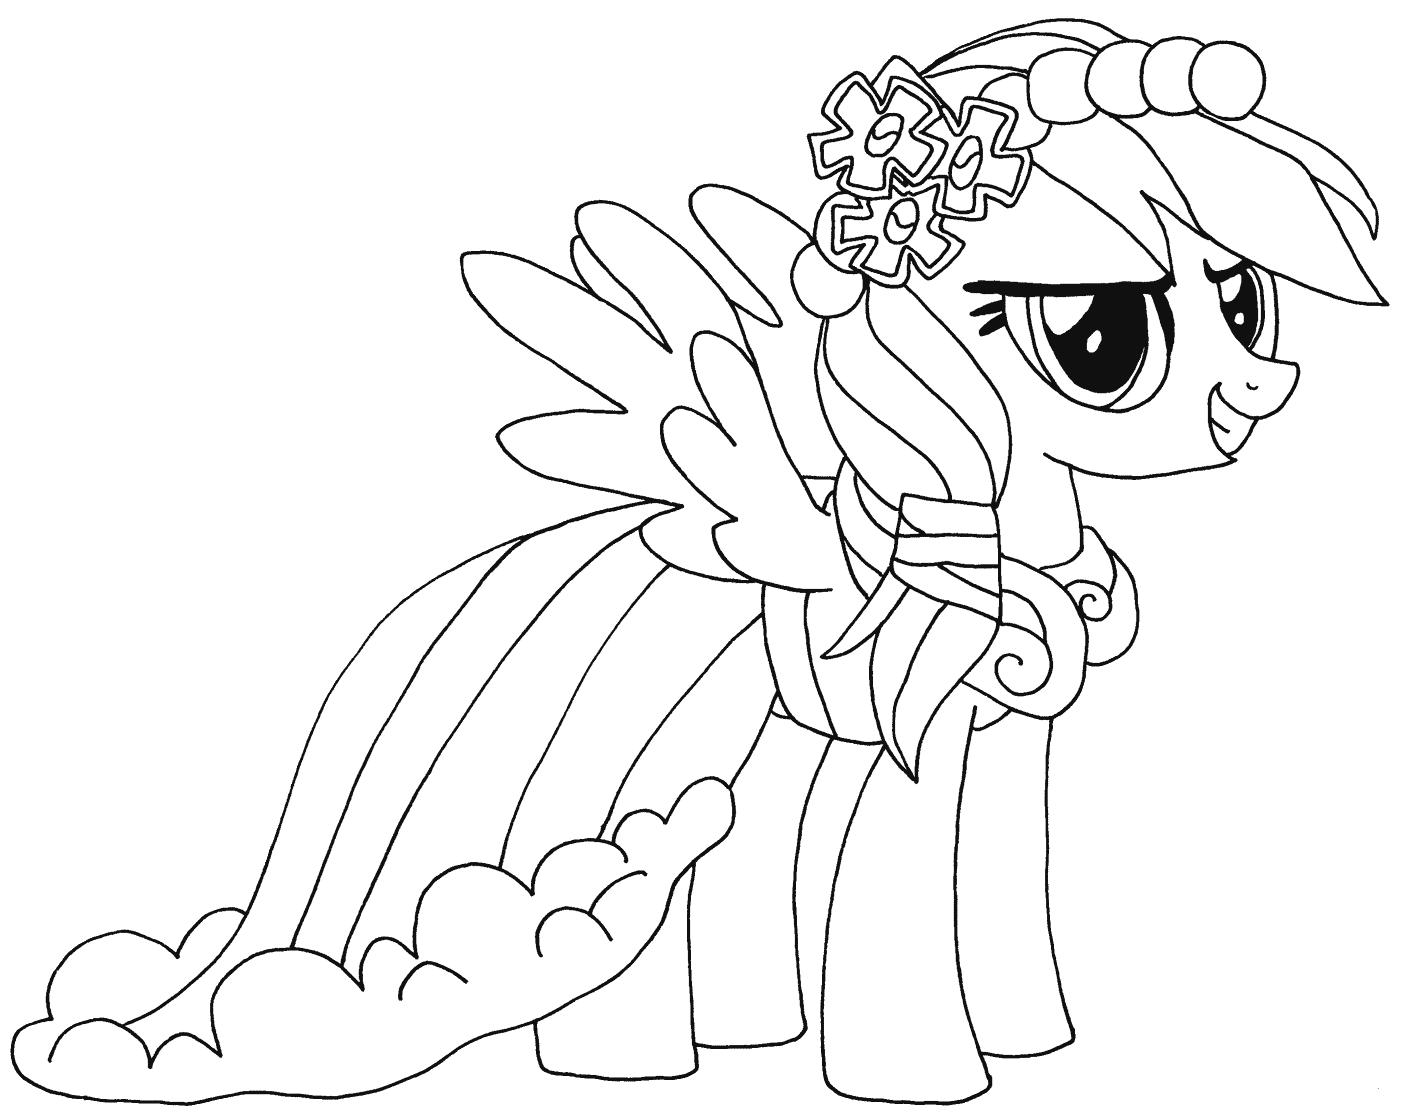 Tranh tô màu ngựa Pony xinh xắn